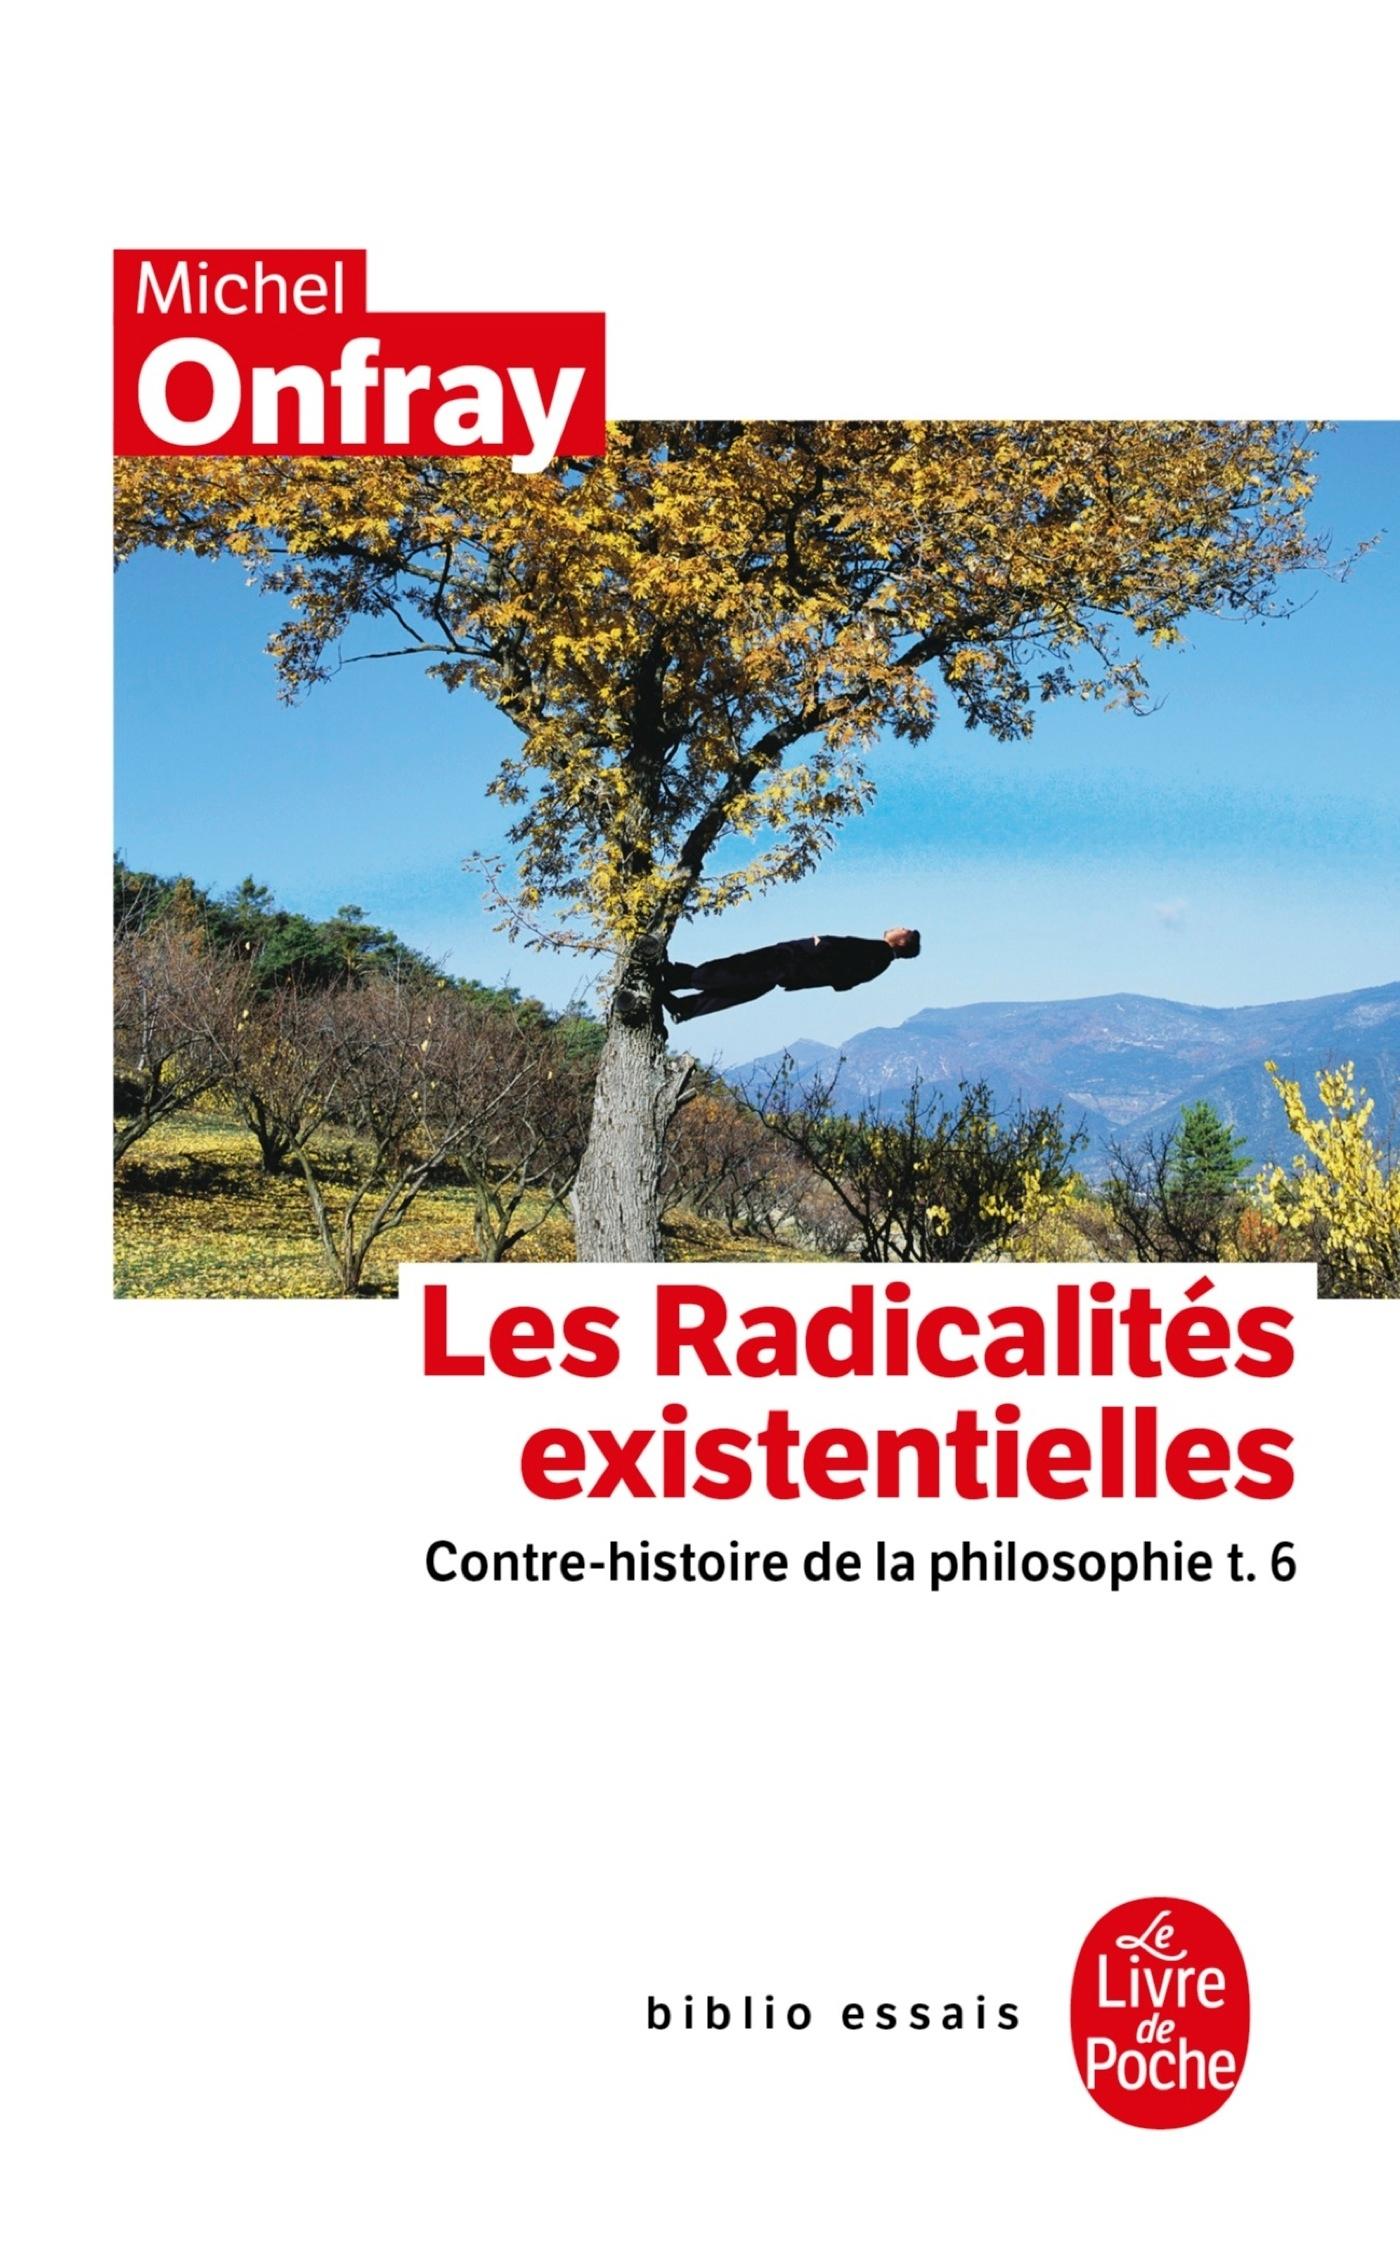 CONTRE-HISTOIRE DE LA PHILOSOPHIE TOME 6 : LES RADICALITES EXISTENTIELLES